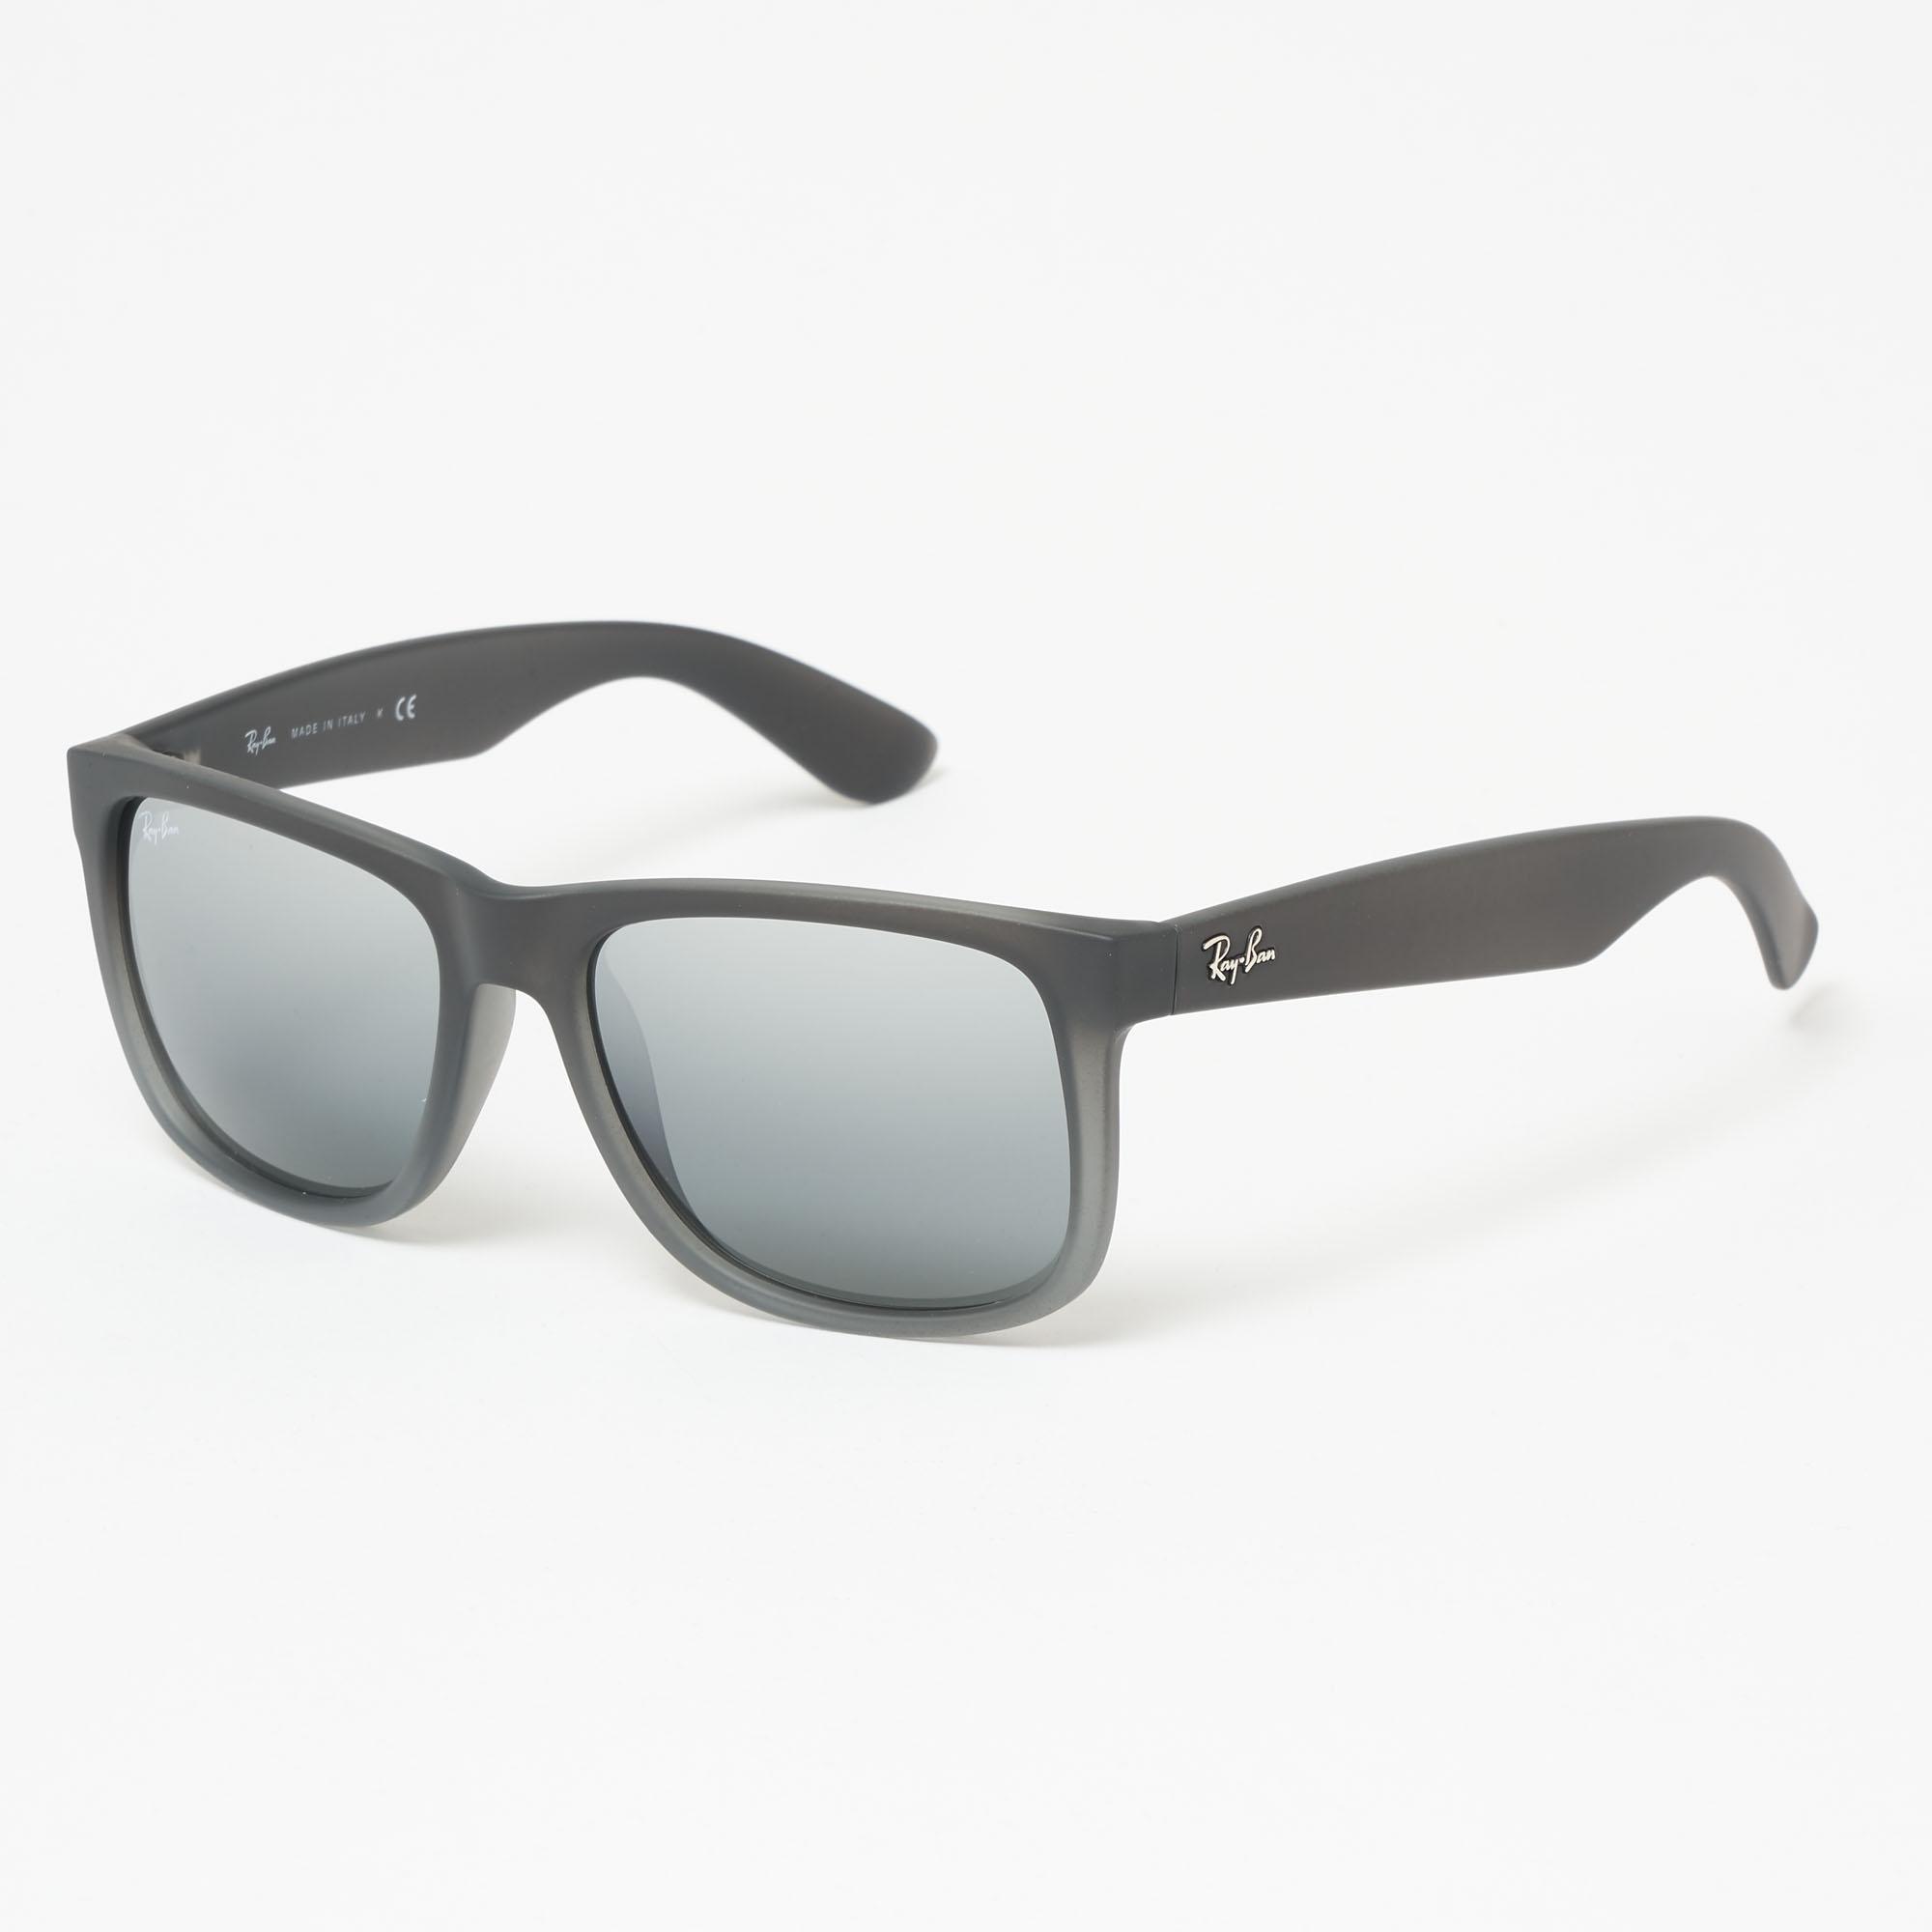 73883a365b ... cheap ray ban. womens metallic justin sunglasses silver gradient mirror  lenses ce12b 0b5c1